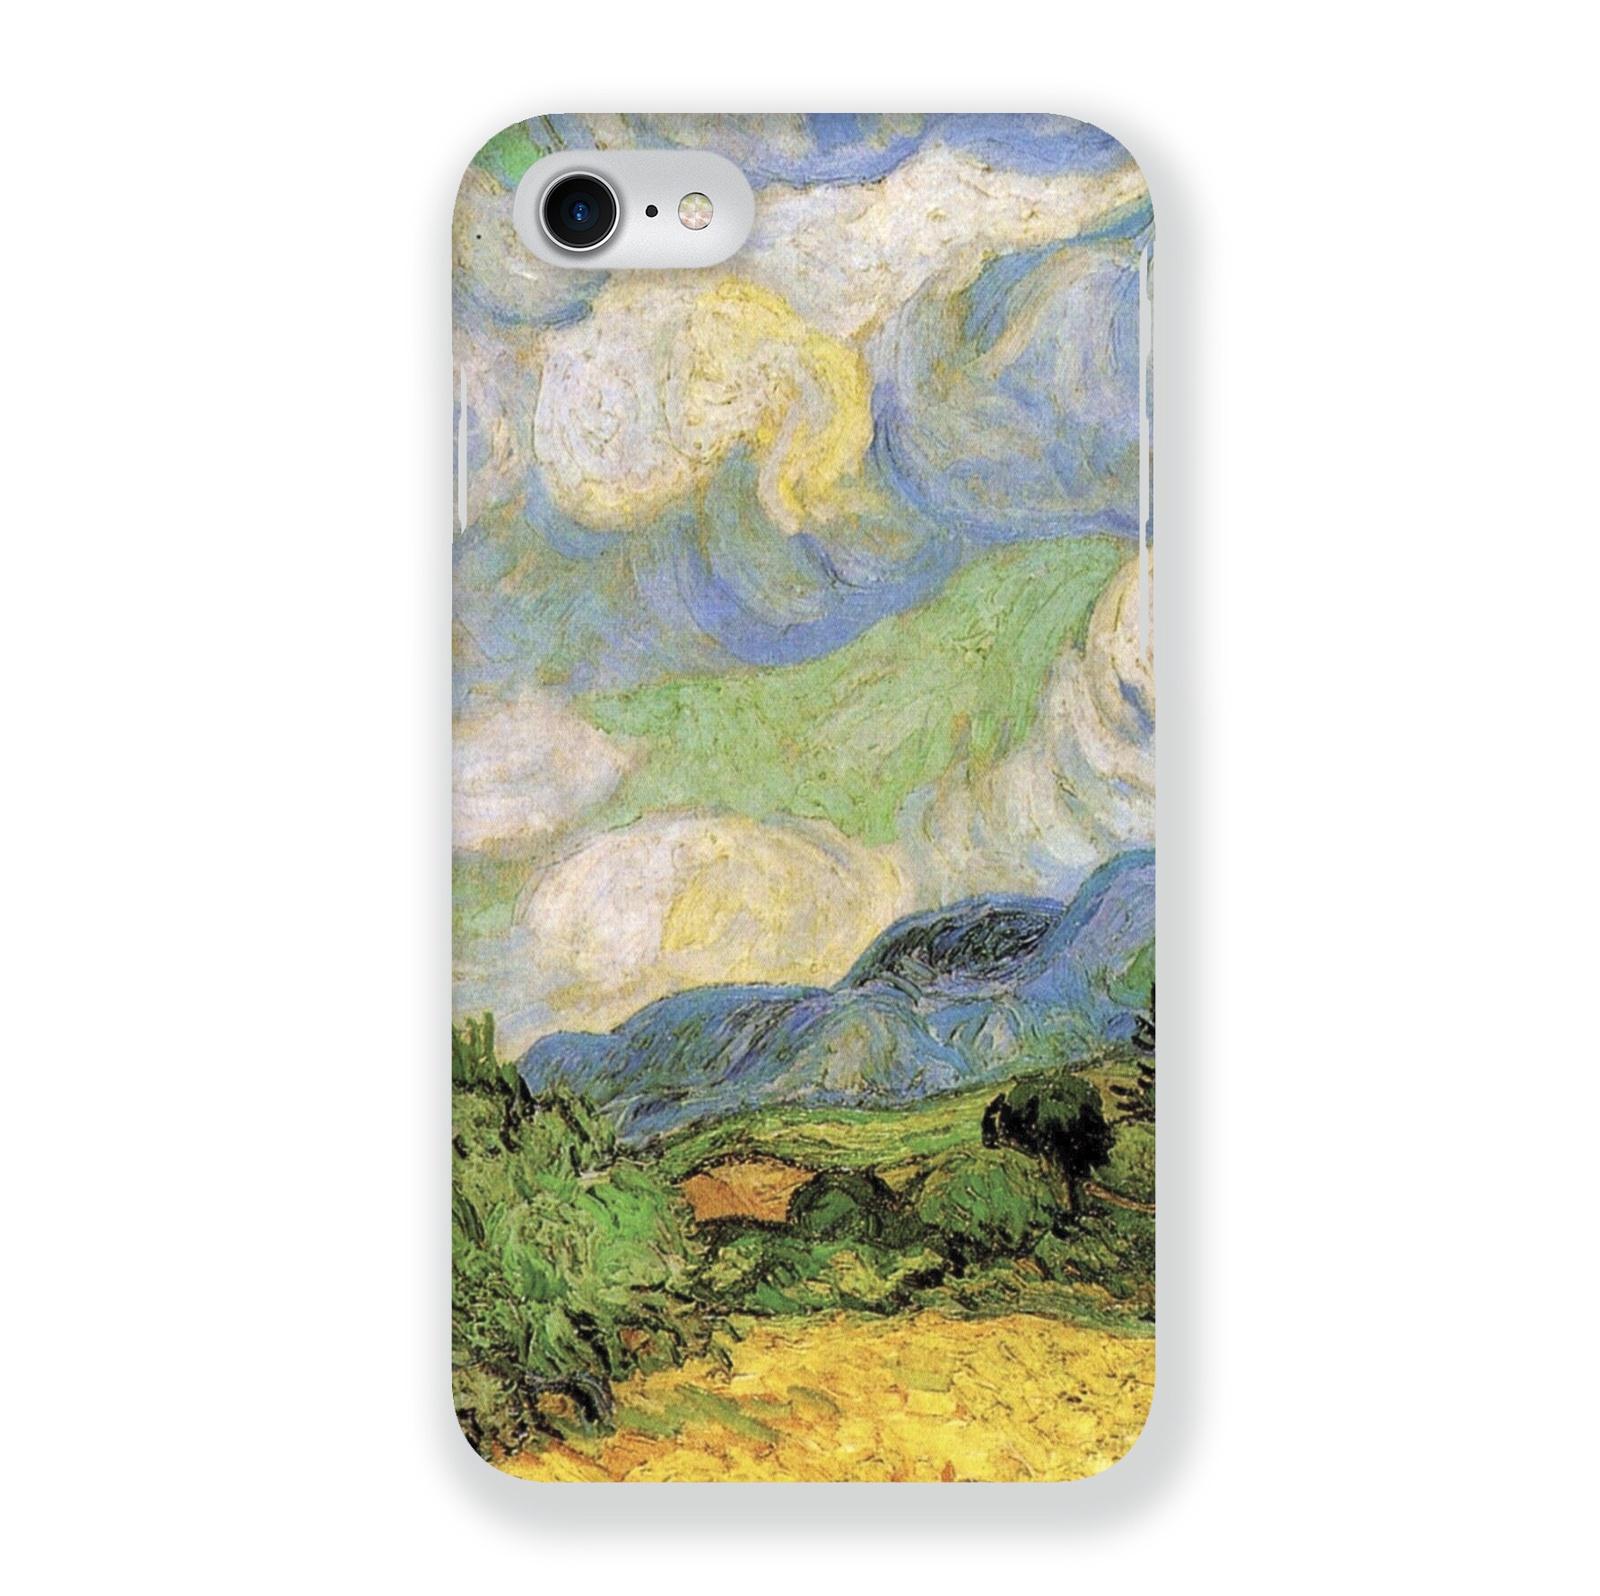 Чехол Mitya Veselkov Ван Гог Пшеничное Поле для Apple iPhone 7/8, IP7.MITYA-004, разноцветный чехол для iphone 5 mitya veselkov птички невелички